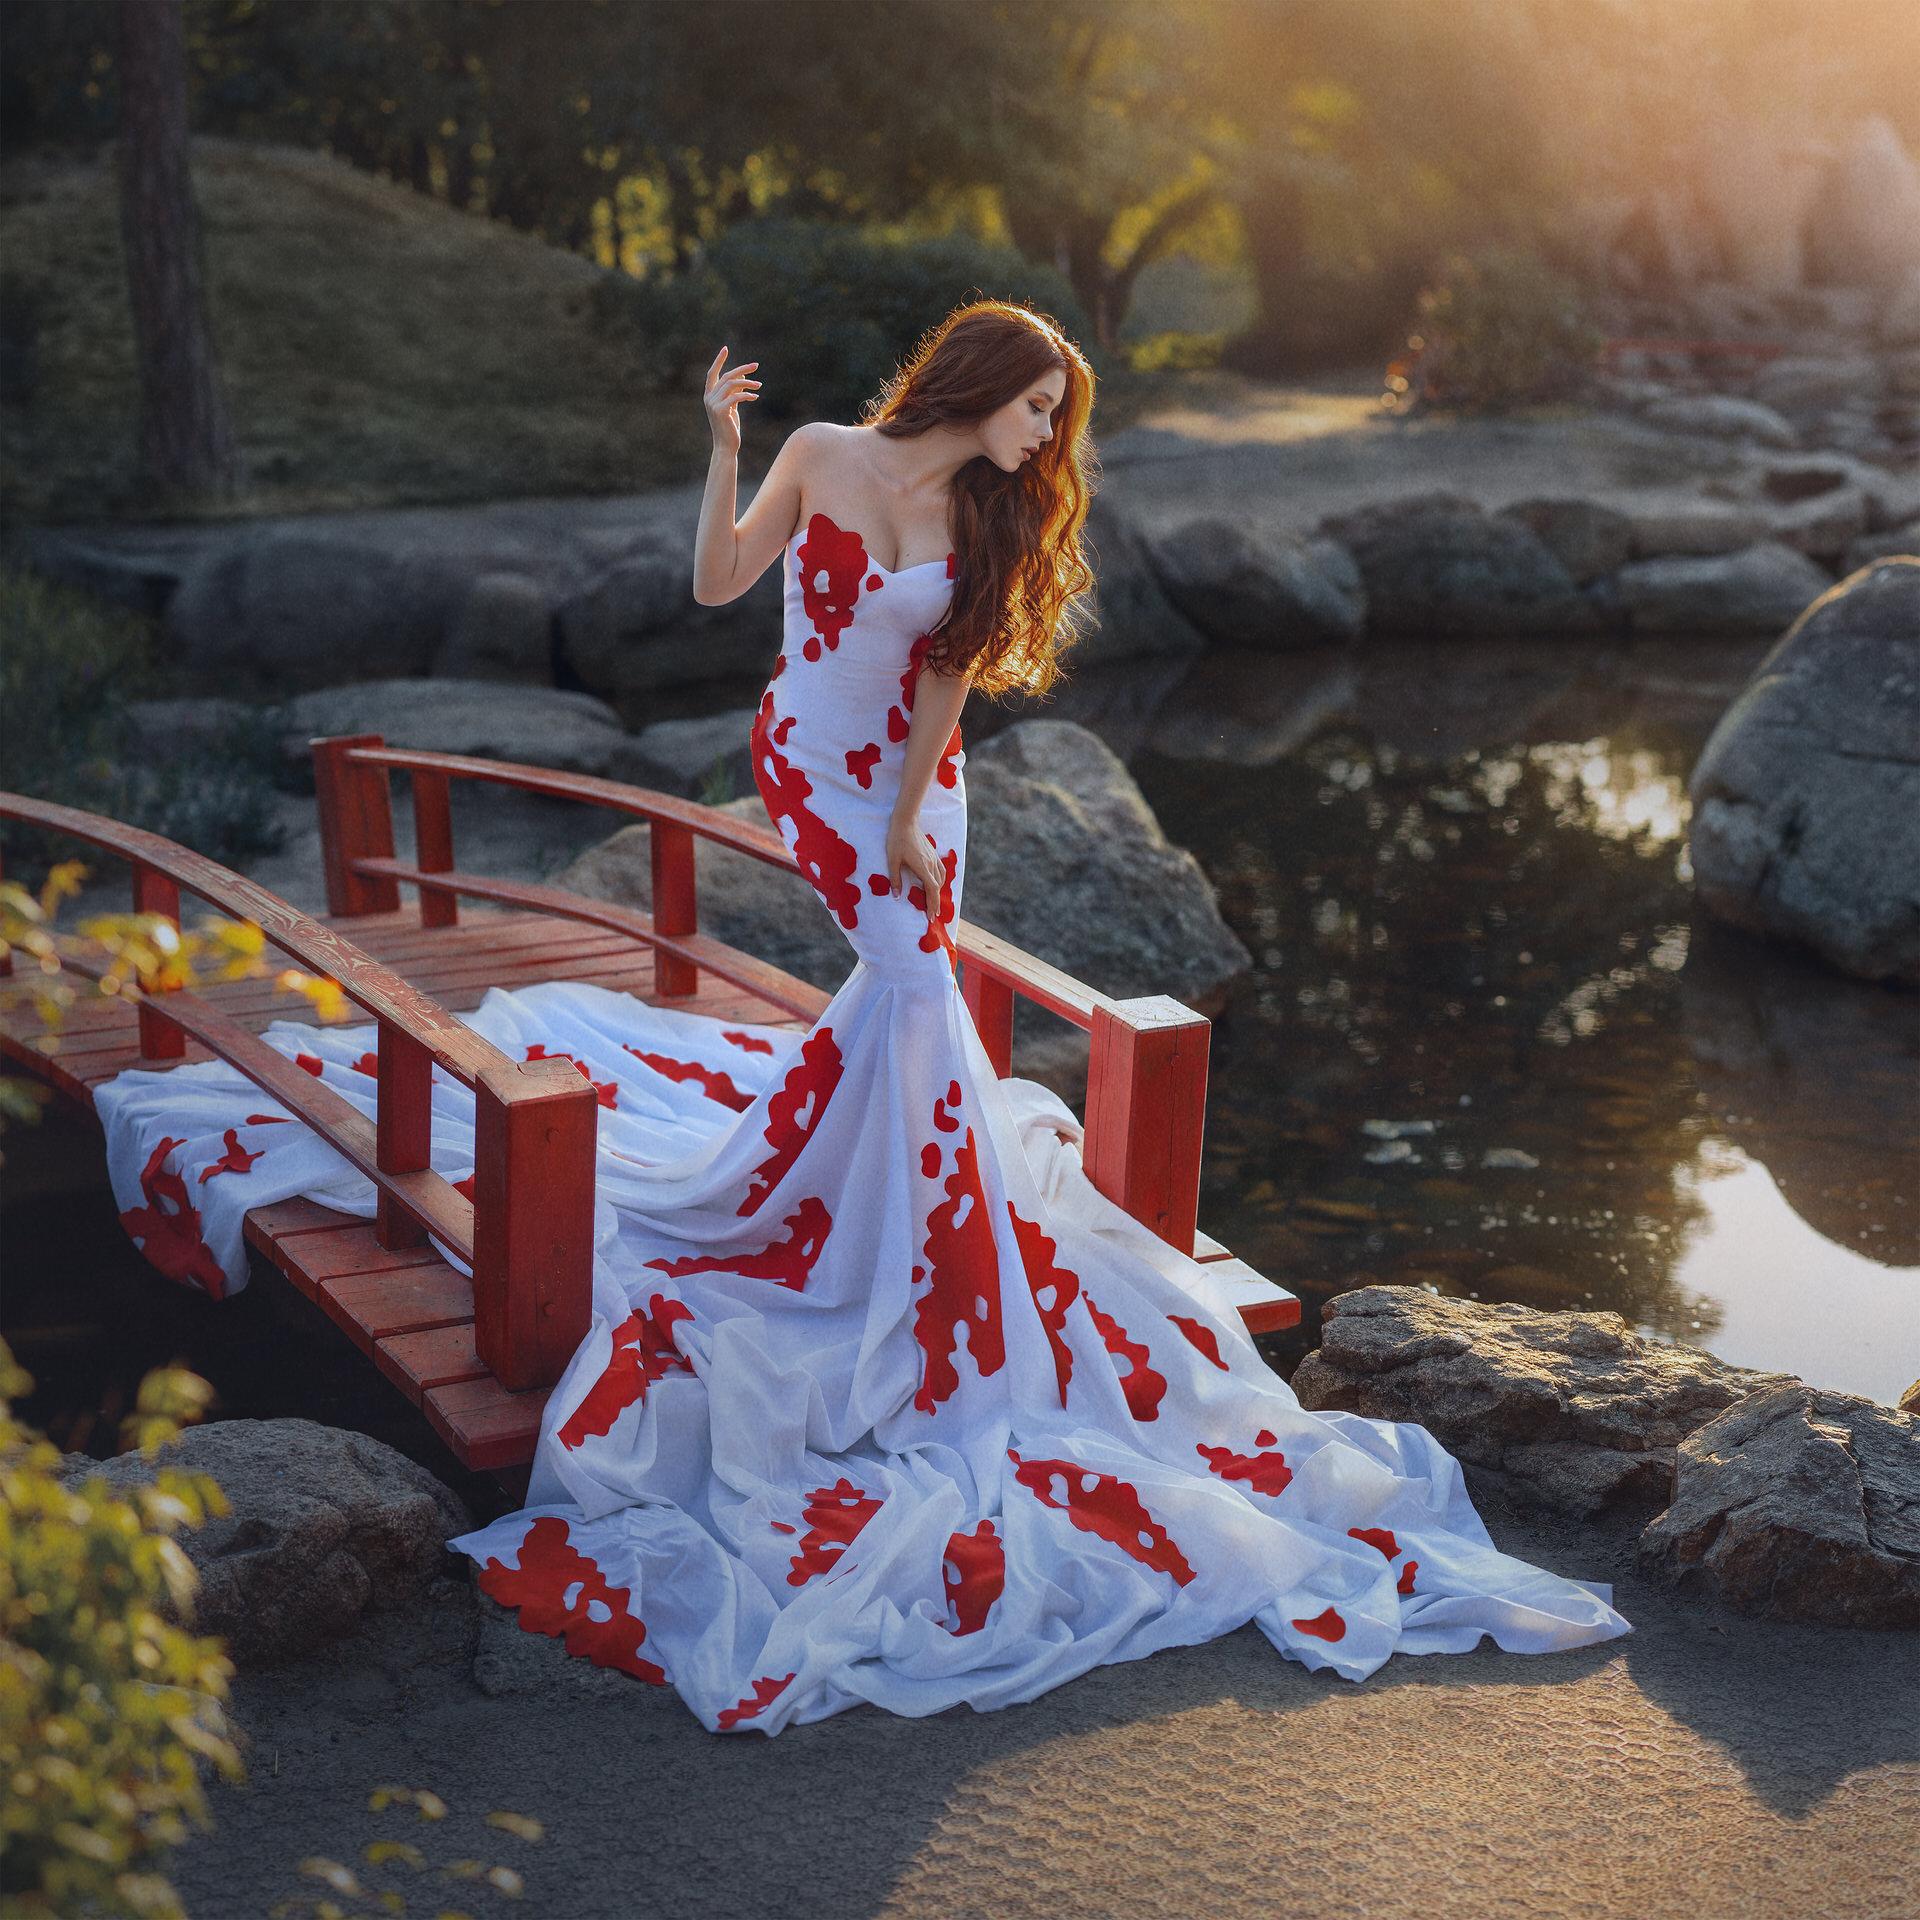 Irina Dzhul Photography